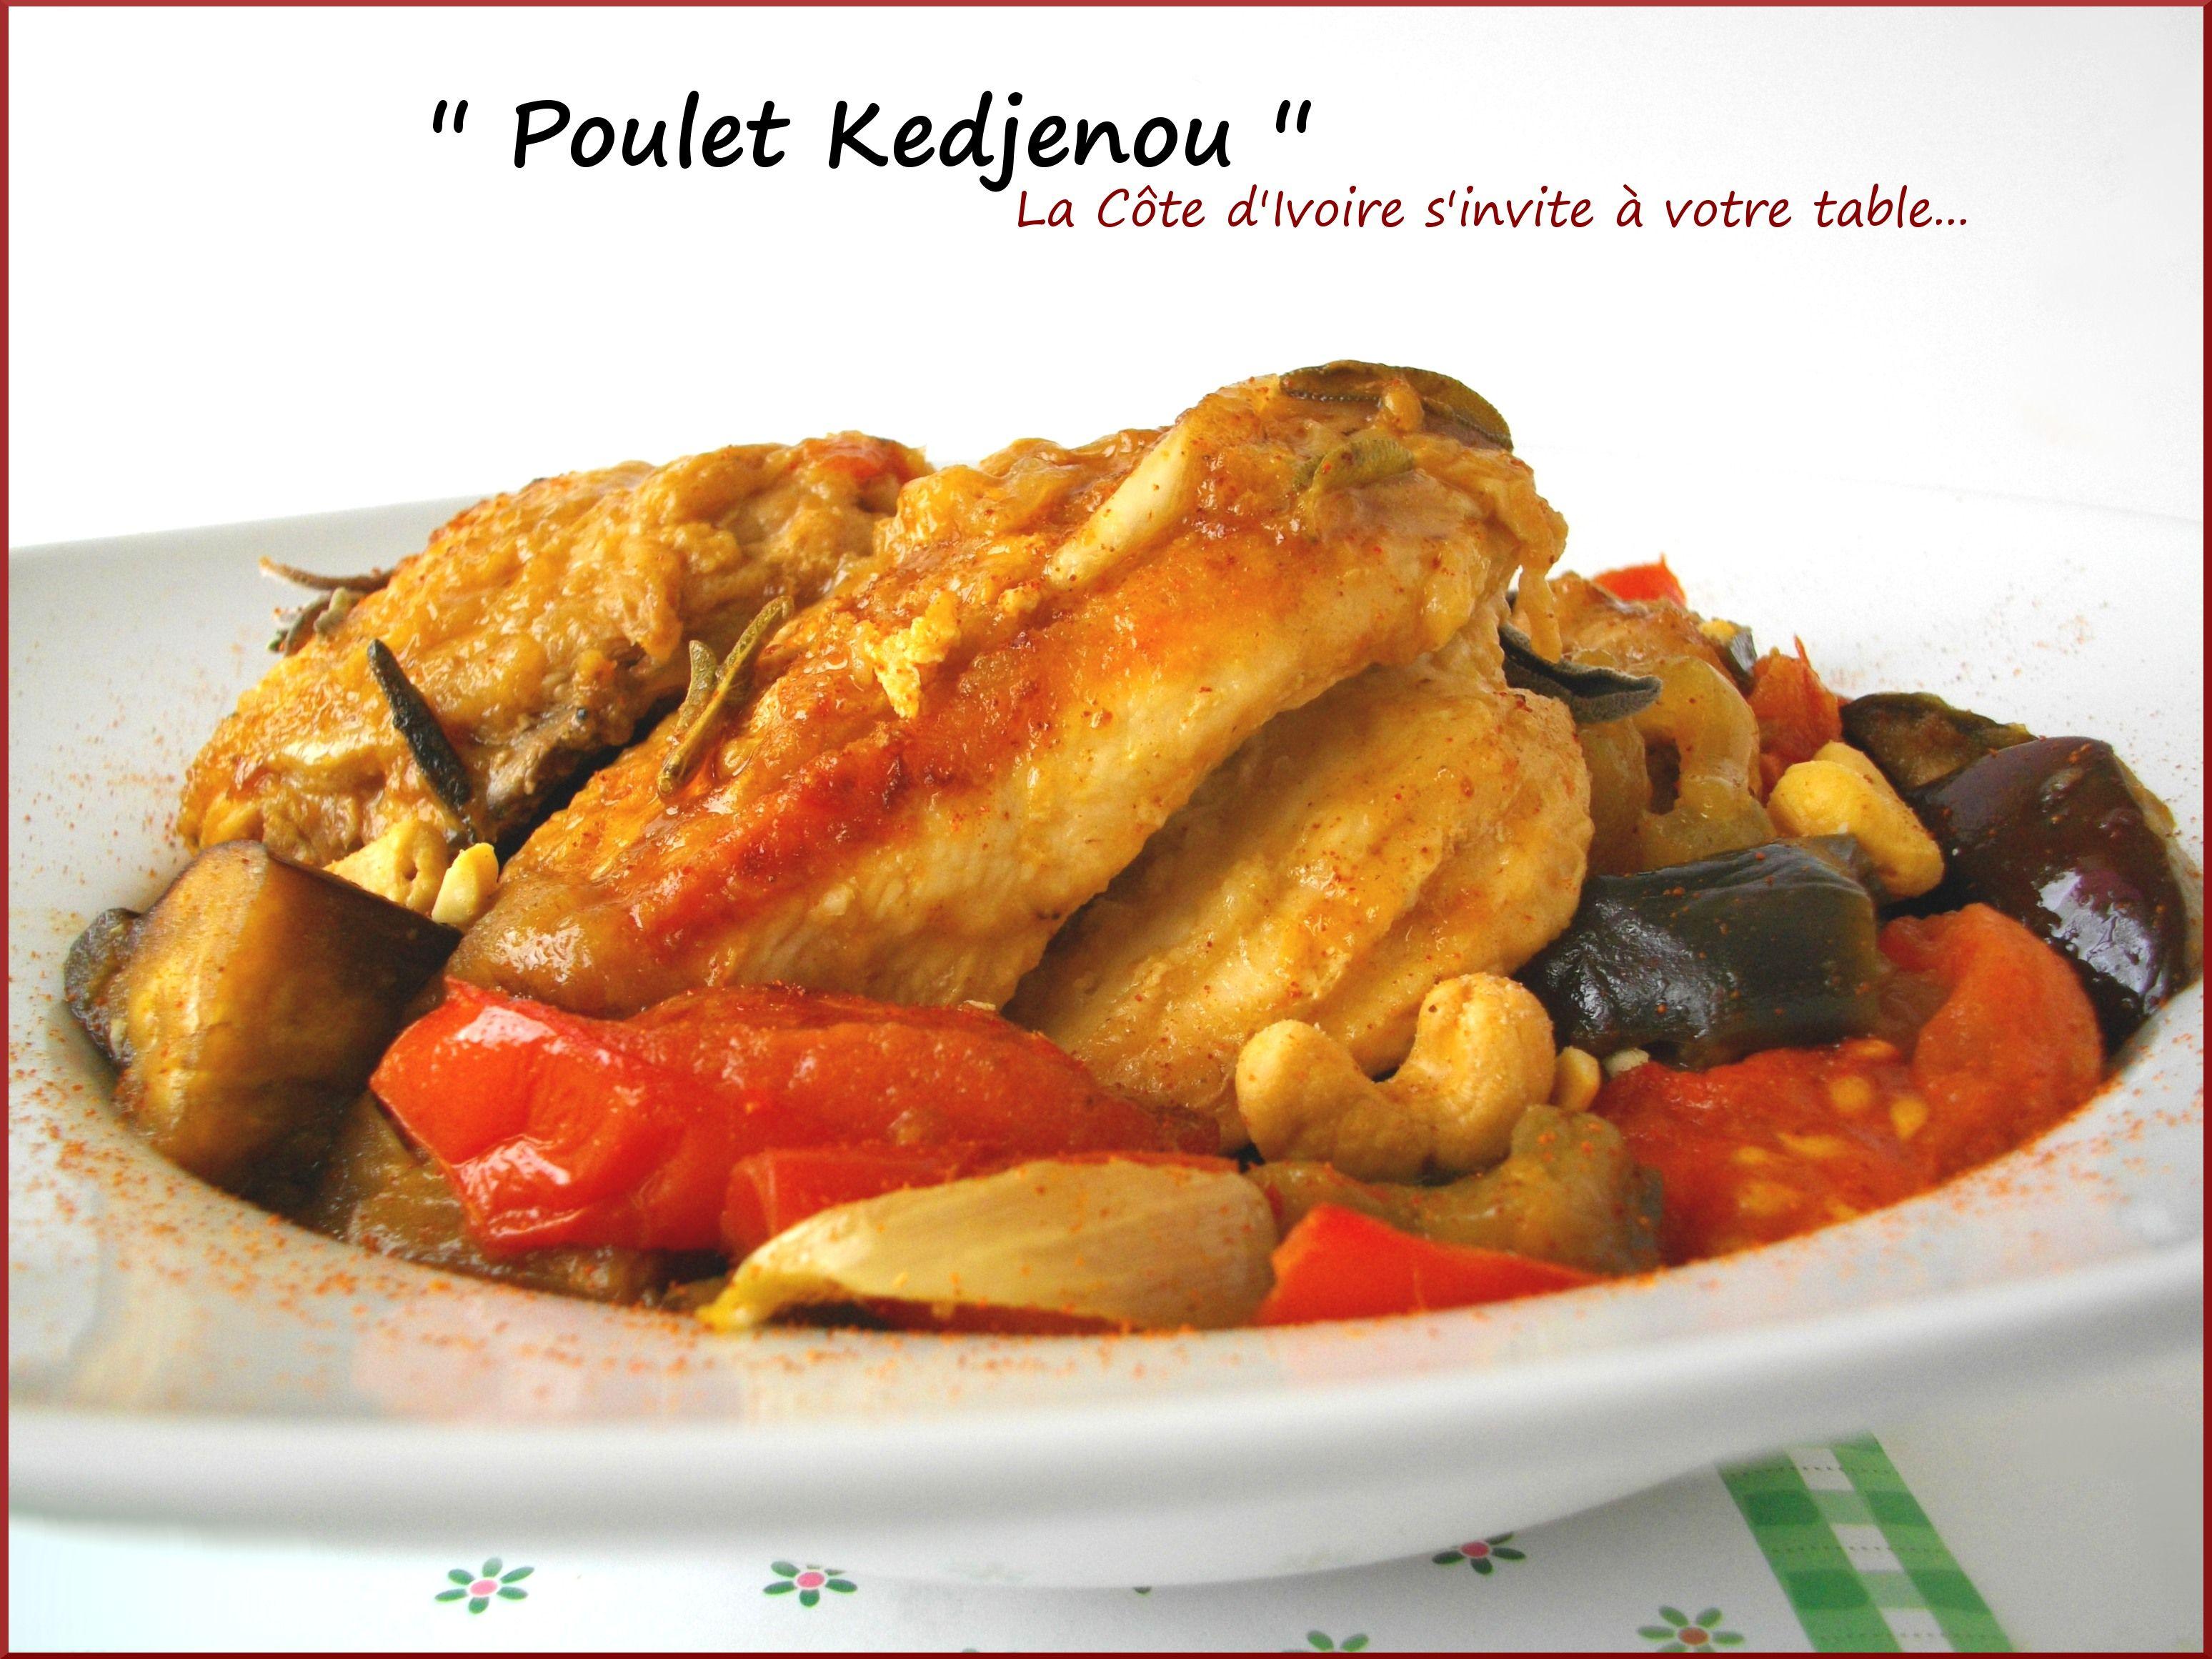 Poulet kedjenou recette ivoirienne recette afrique de l for Yankey cuisine africaine a volonte